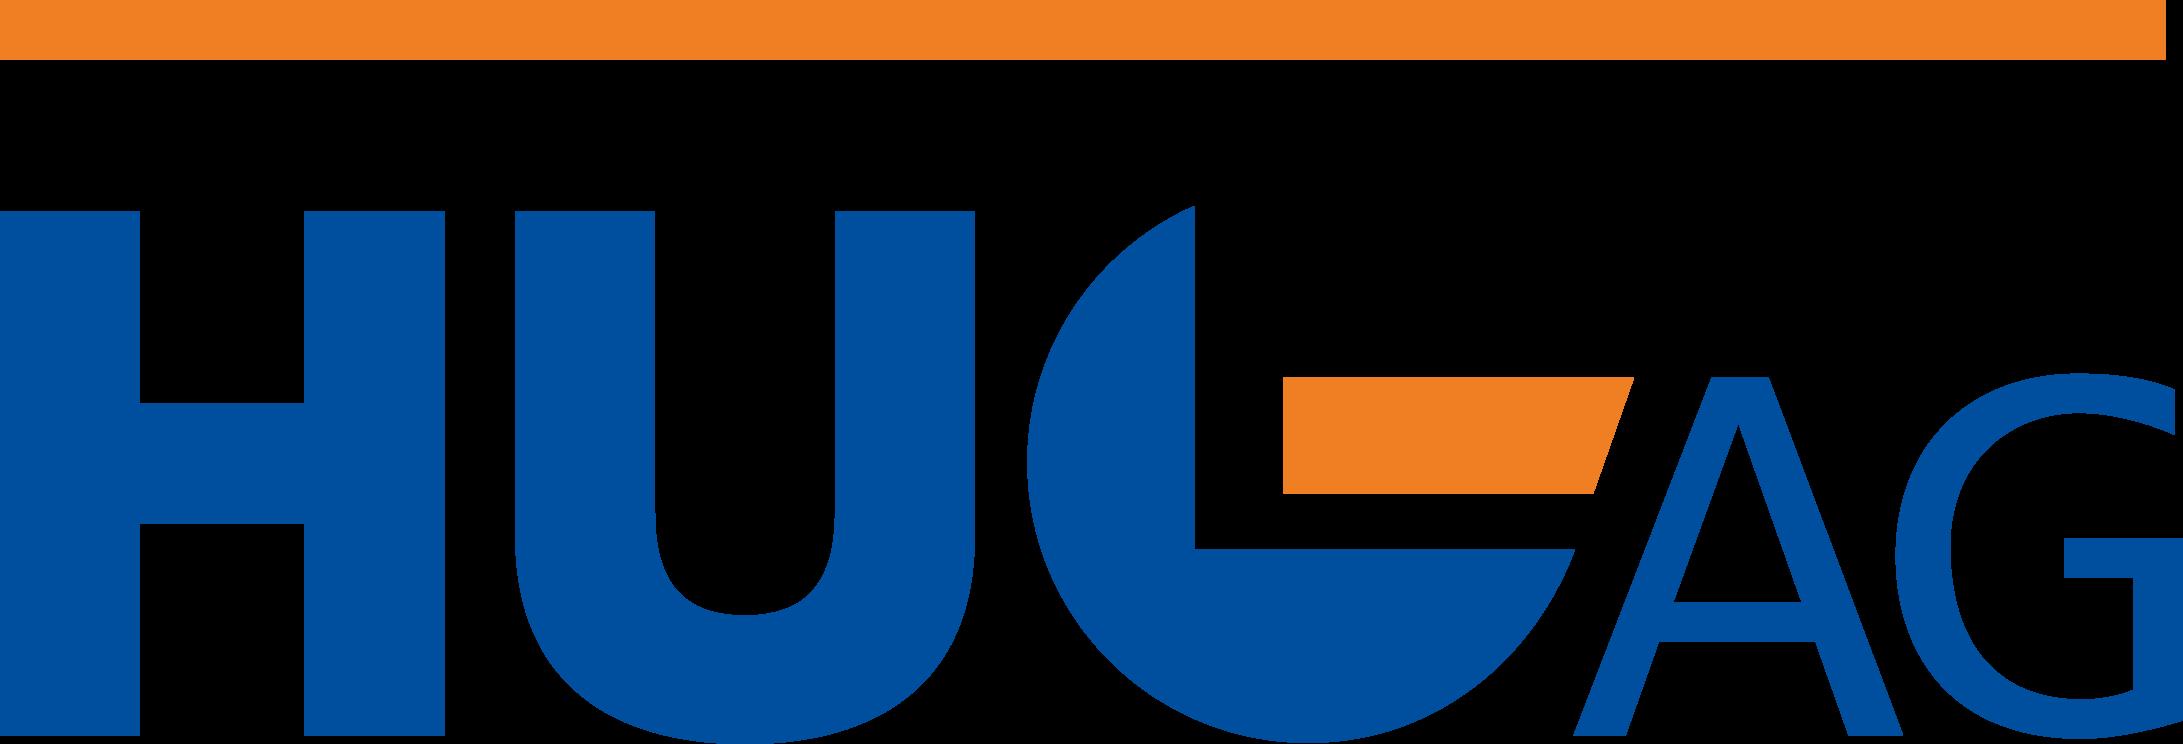 HugAG_Logo